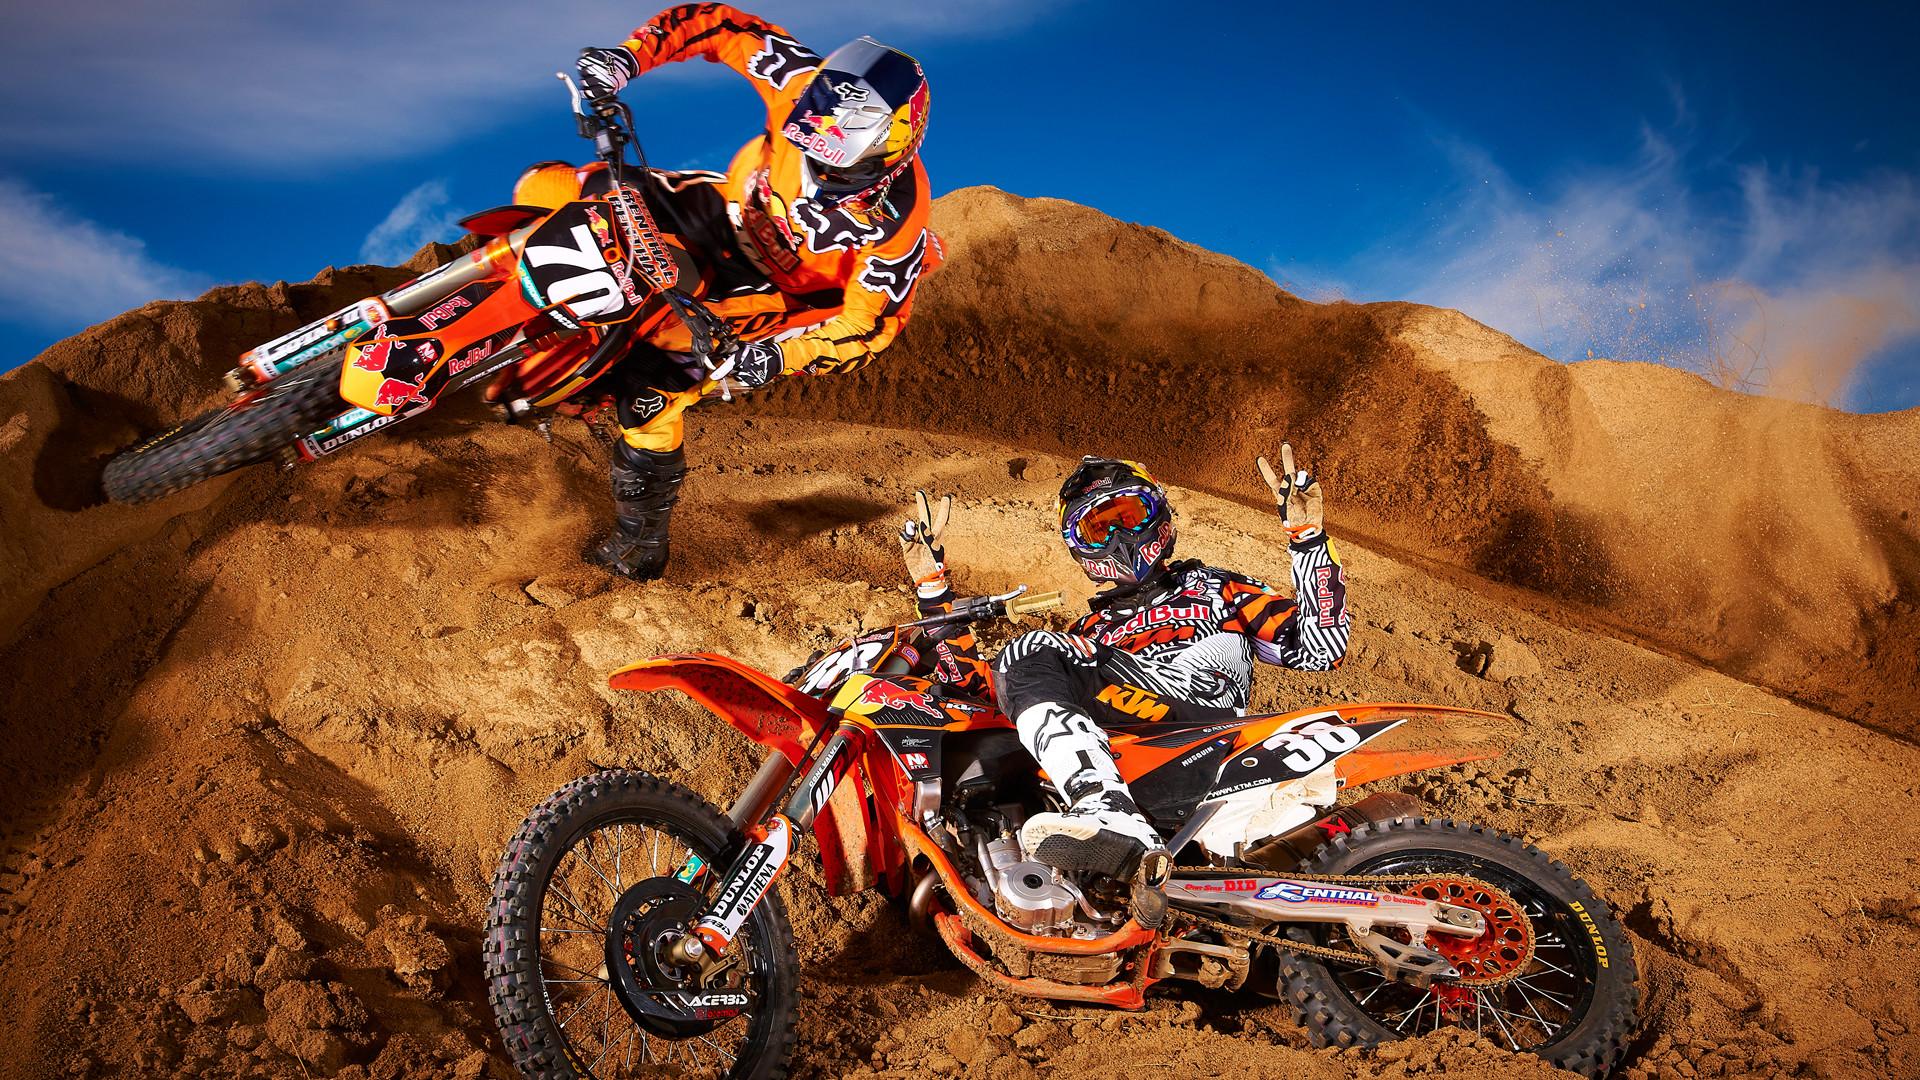 Motocross Wallpaper: Dirtbike Wallpaper (67+ Images